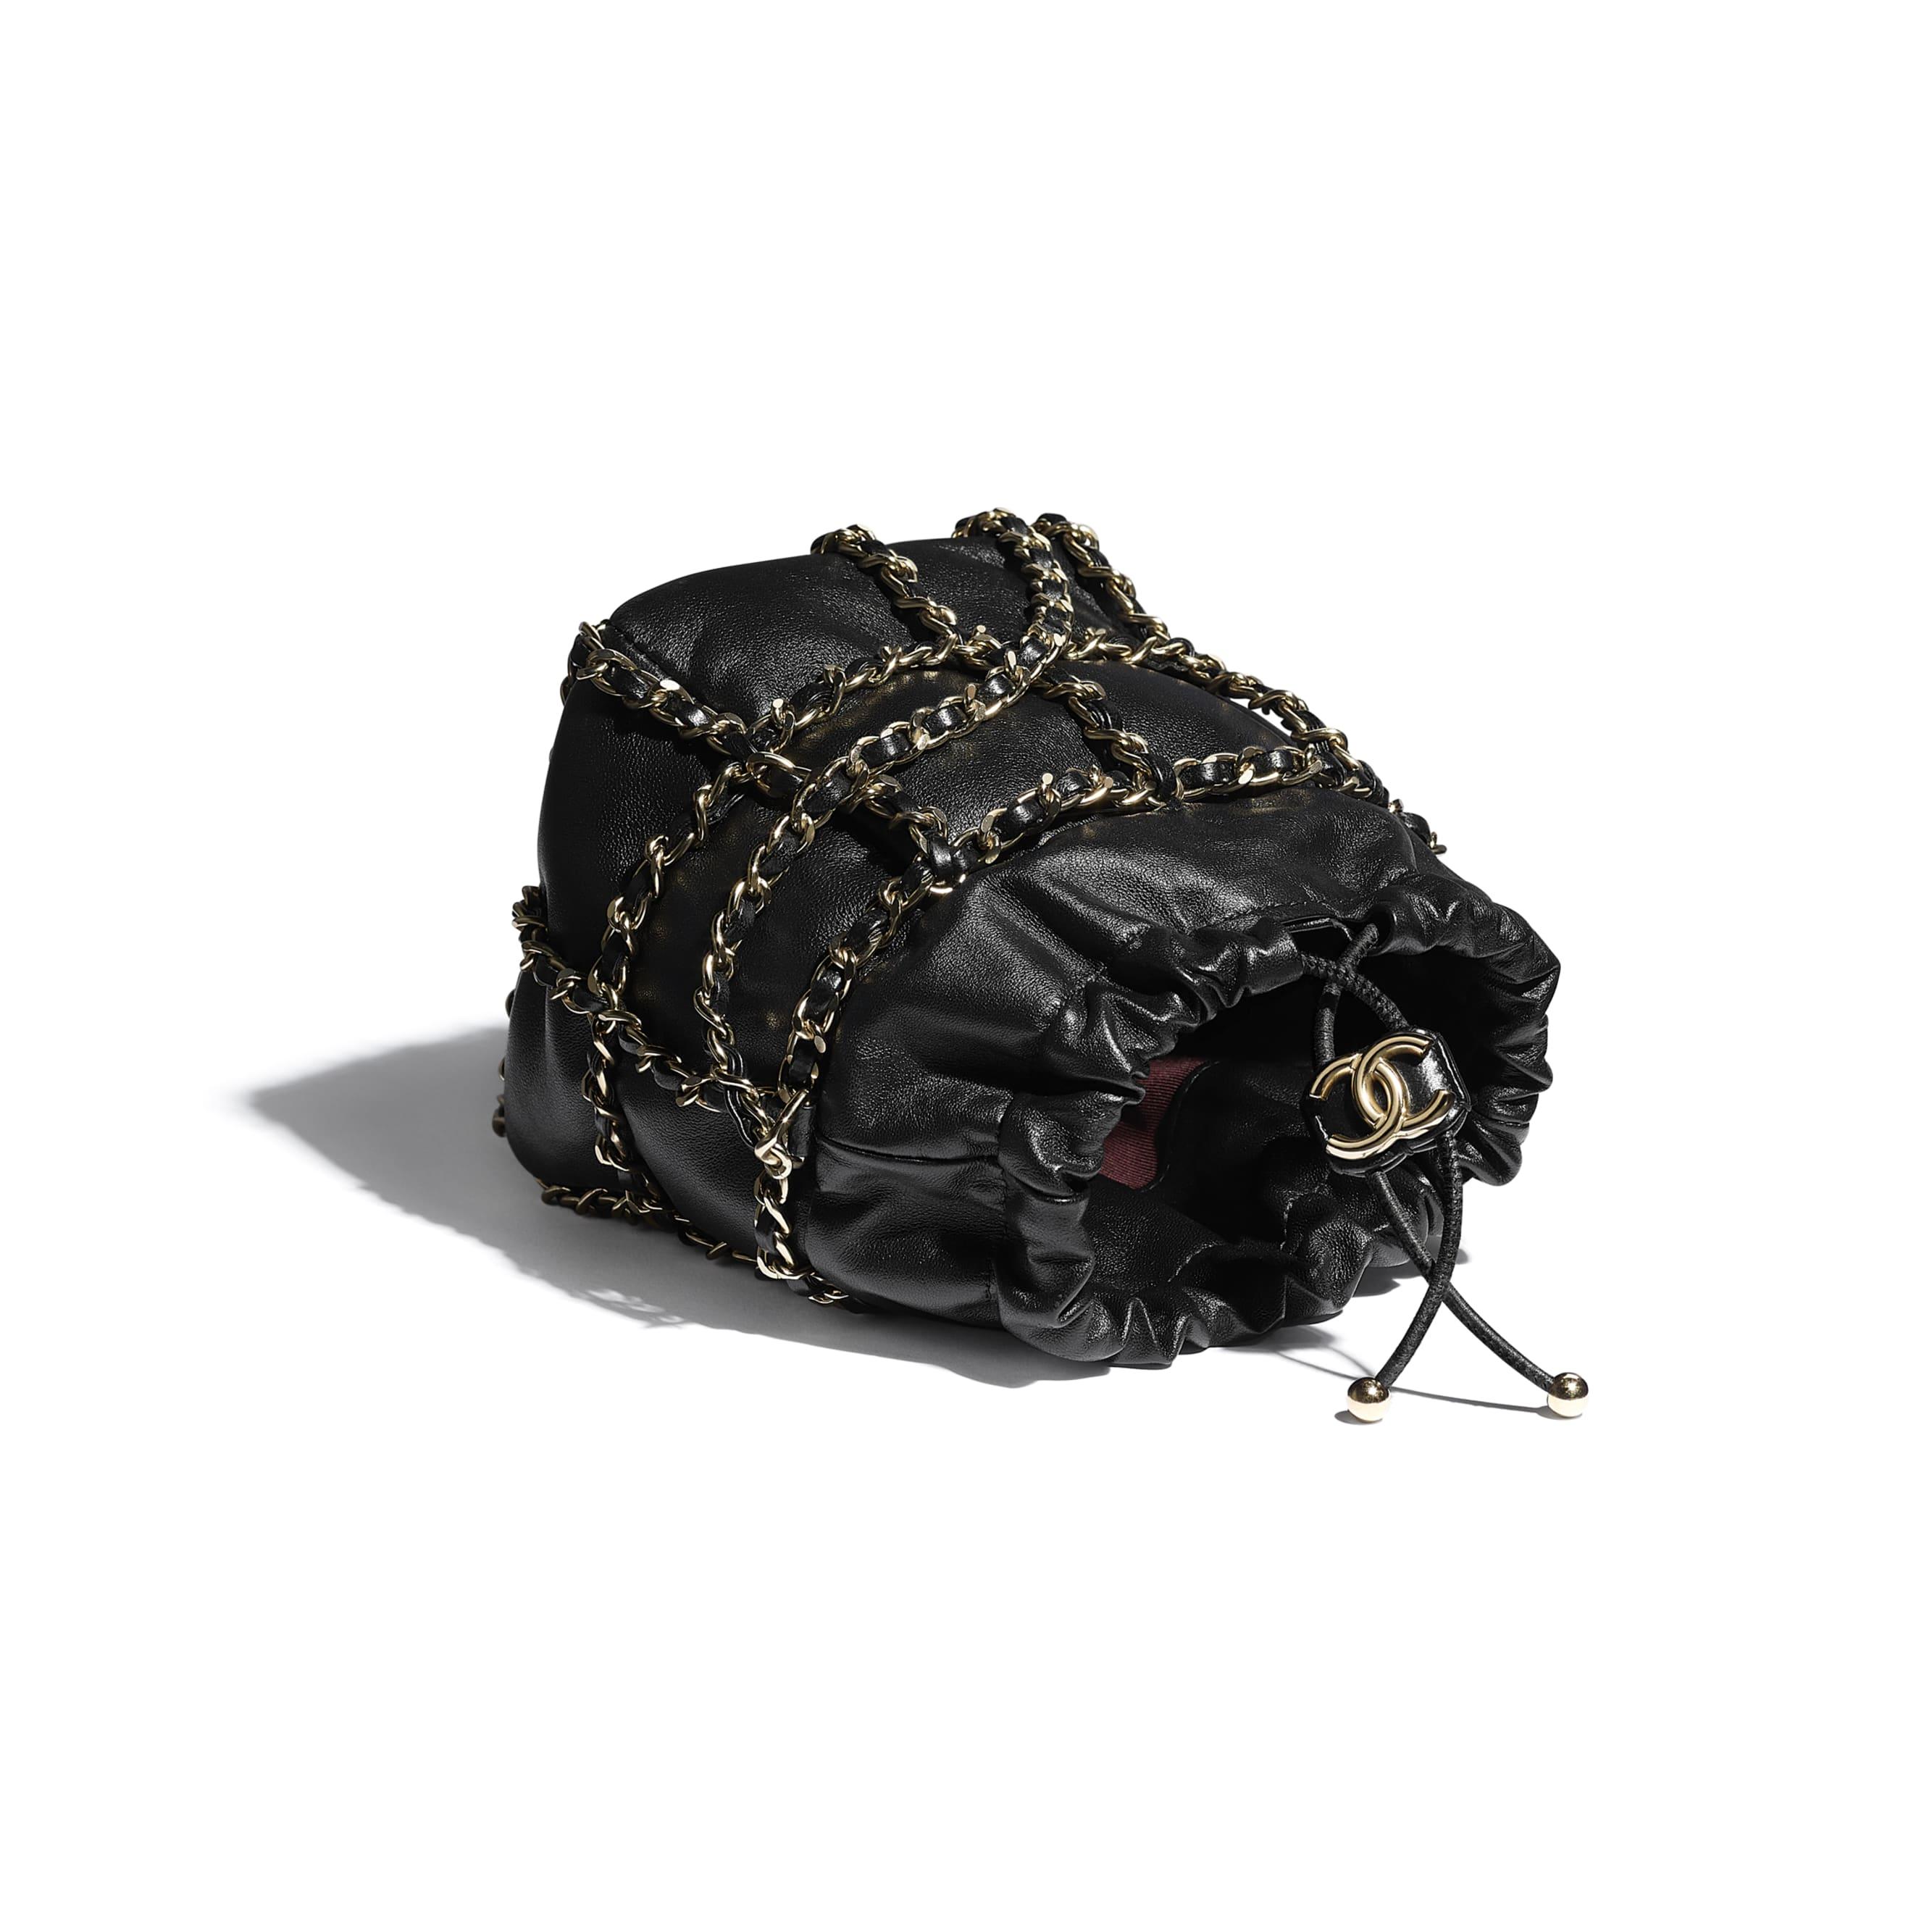 Petit sac à fermeture cordon - Noir - Agneau & métal doré - CHANEL - Autre vue - voir la version taille standard